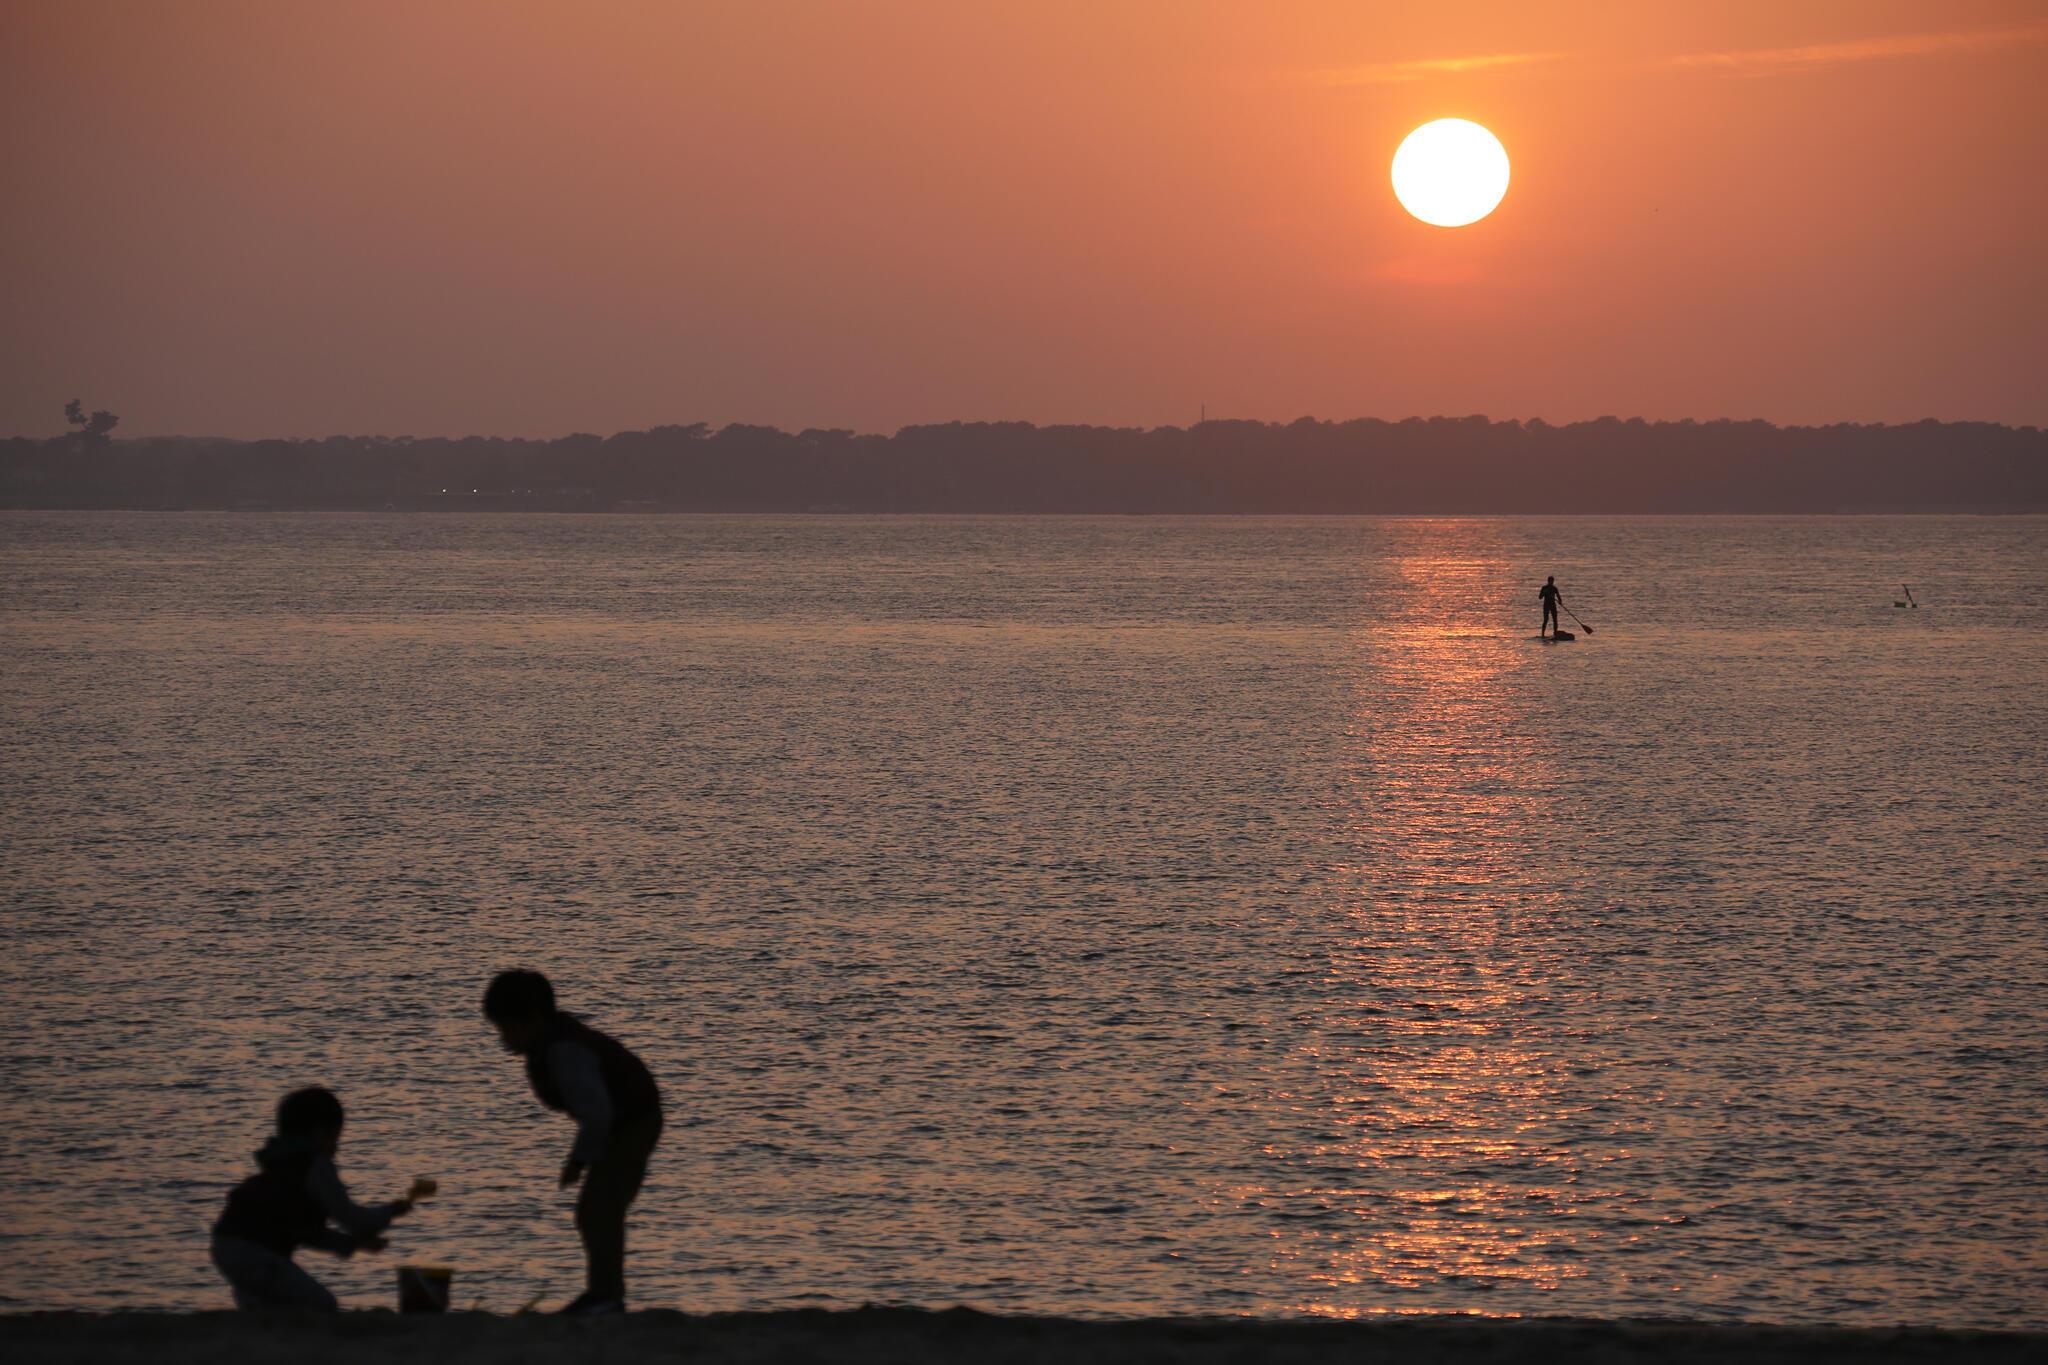 La plage du Cap Ferret s'érode alors que les touristes continuent à affluer dans la baie d'Arcachon.